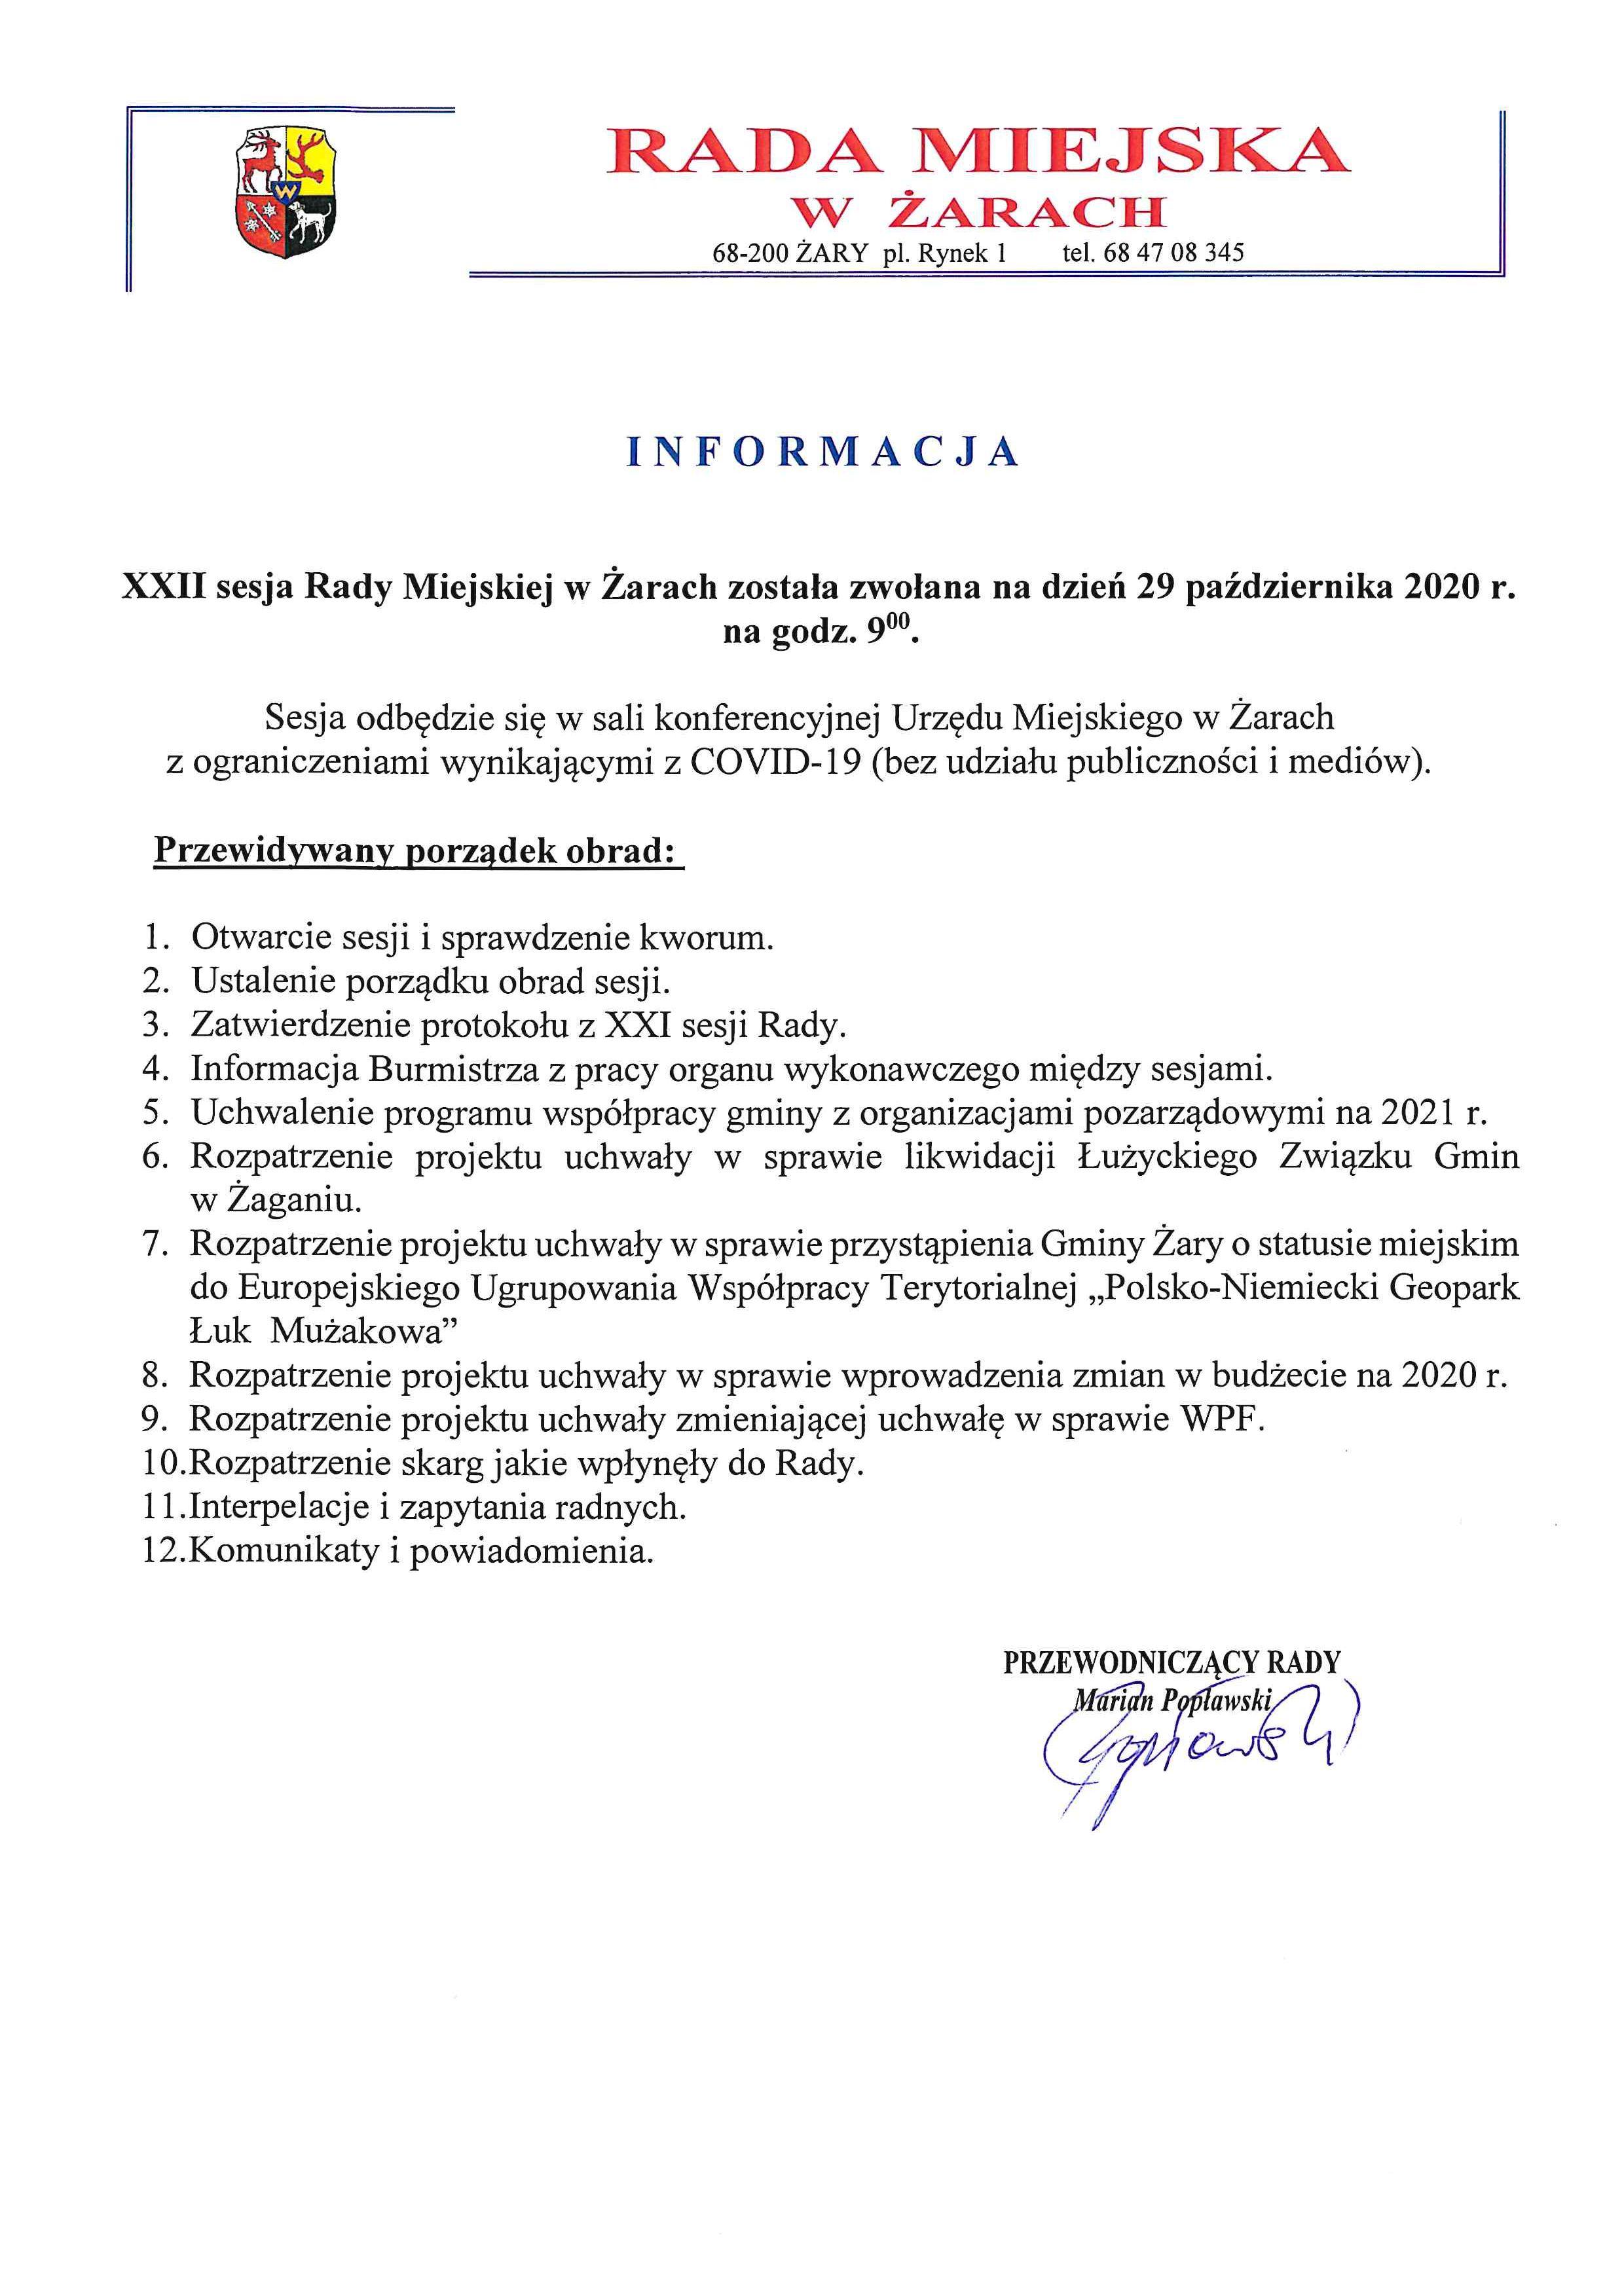 Ilustracja do informacji: XXII sesja Rady Miejskiej w Żarach